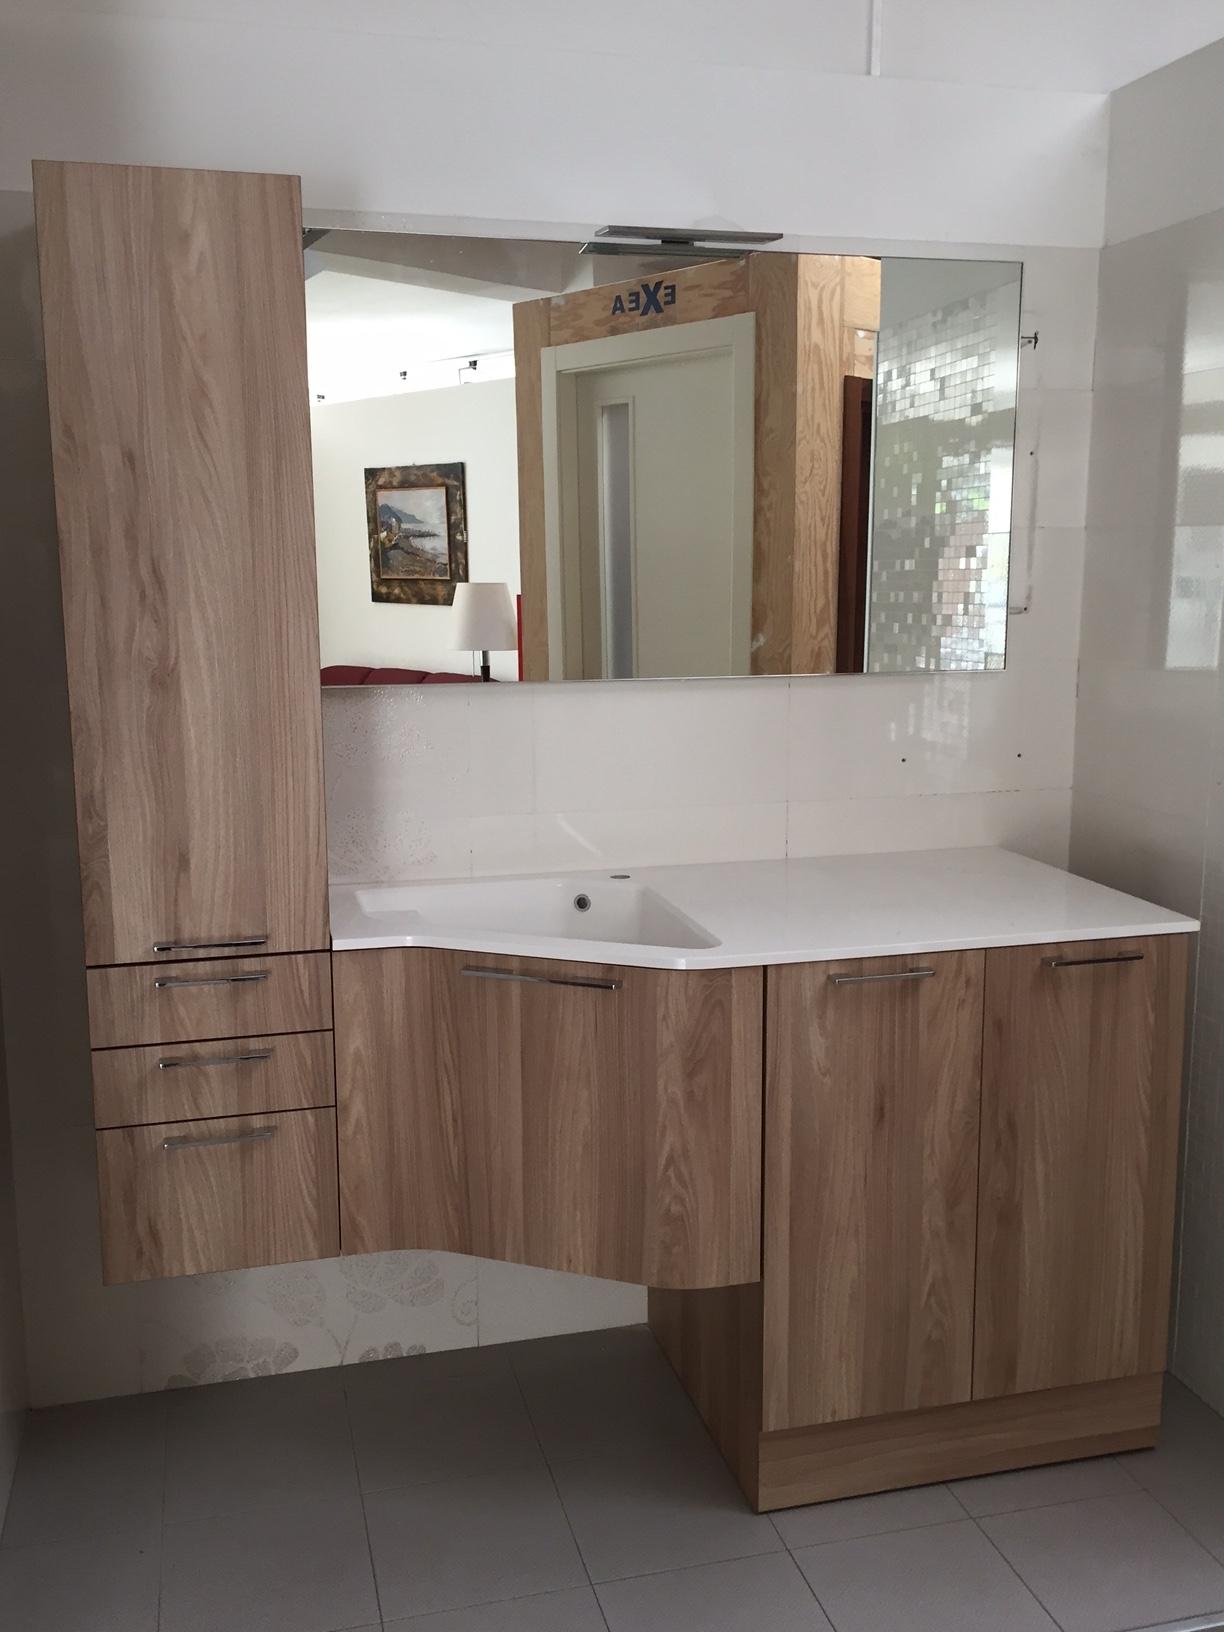 Mobile bagno lavanderia arbi a prezzi scontati arredo - Mobile bagno moderno economico ...